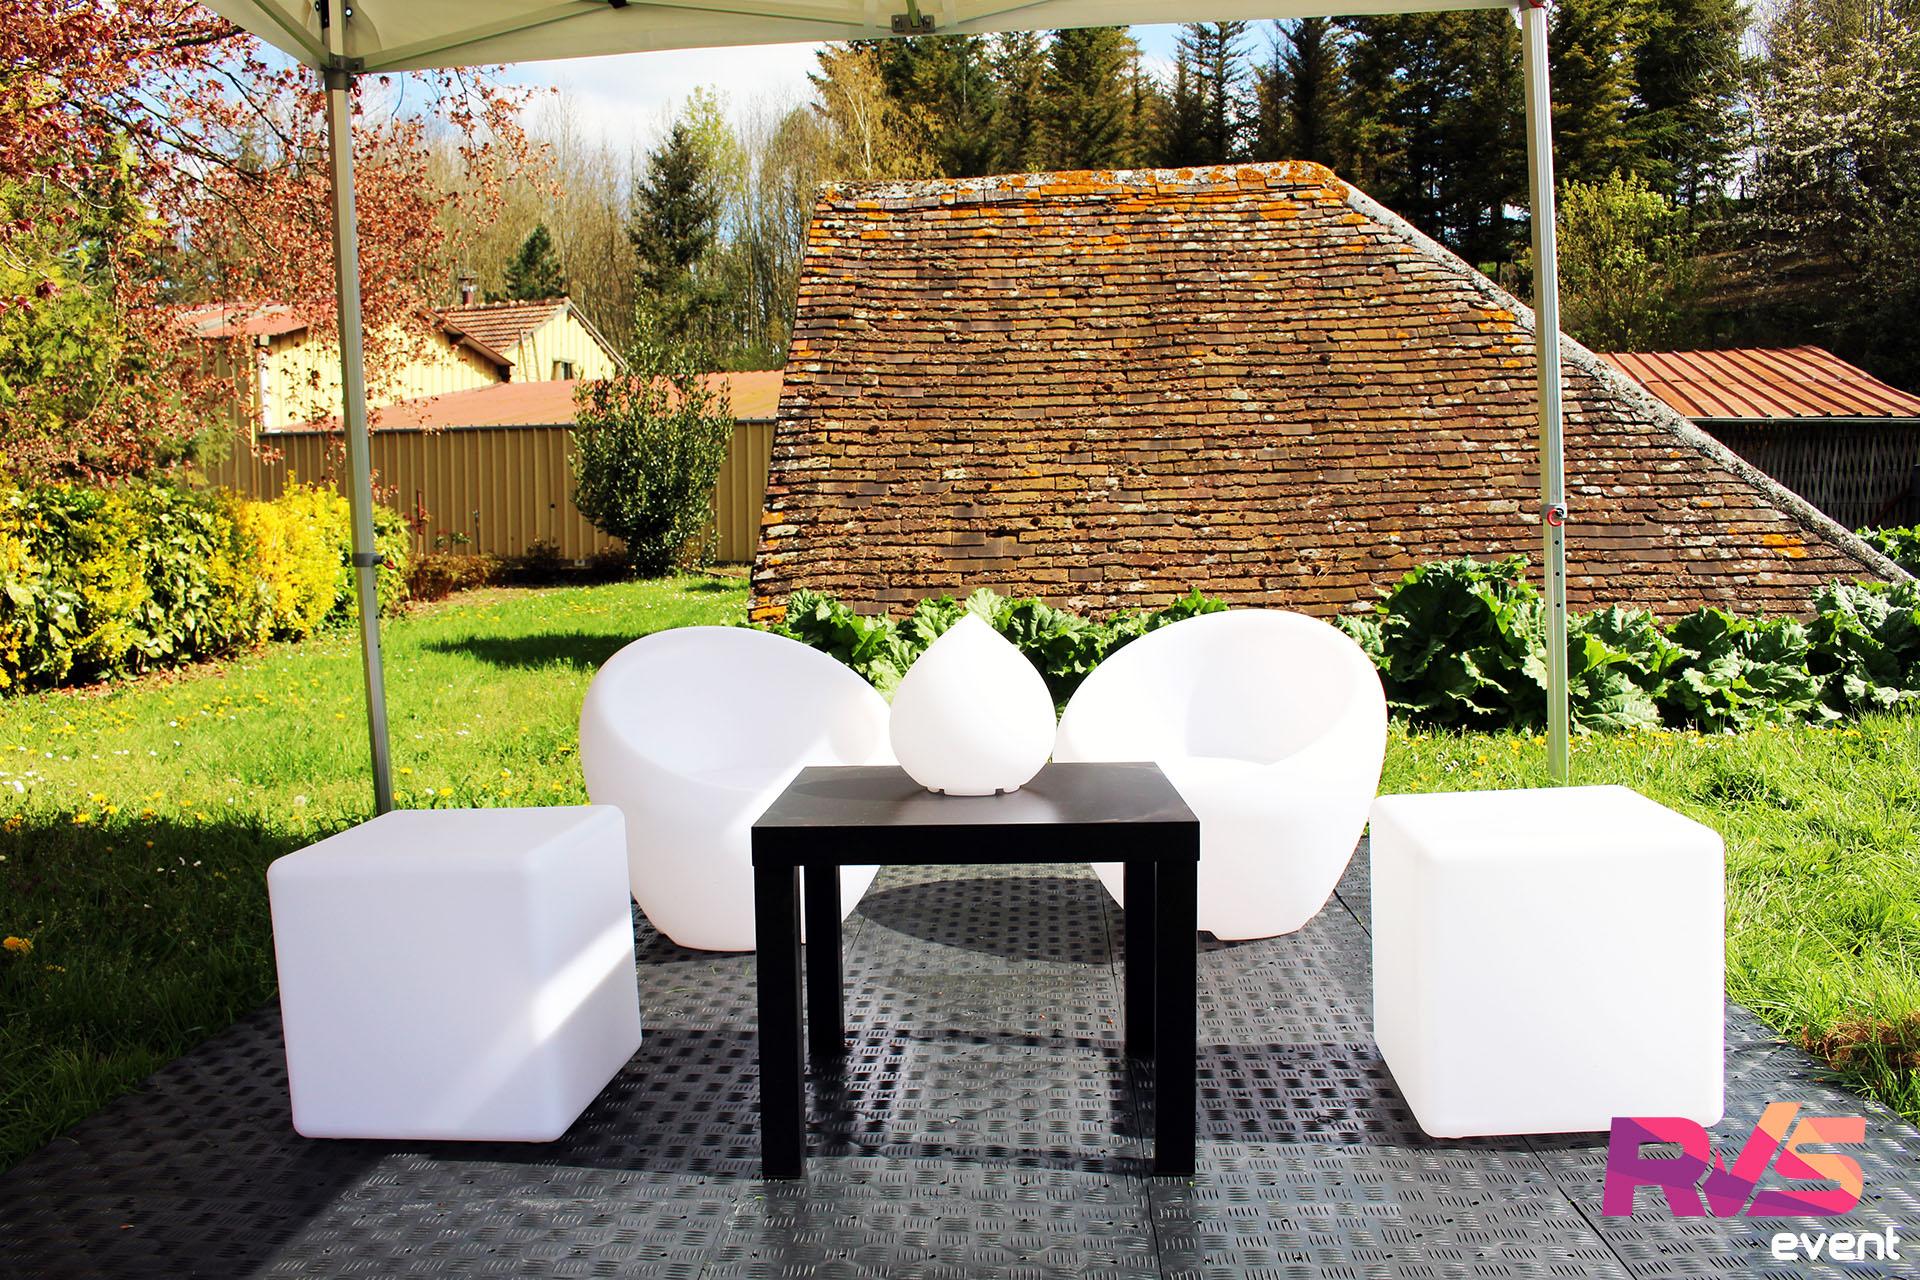 Location salons d 39 t tente 3x3 mobilier rvs event - Mobilier jardin lumineux ...